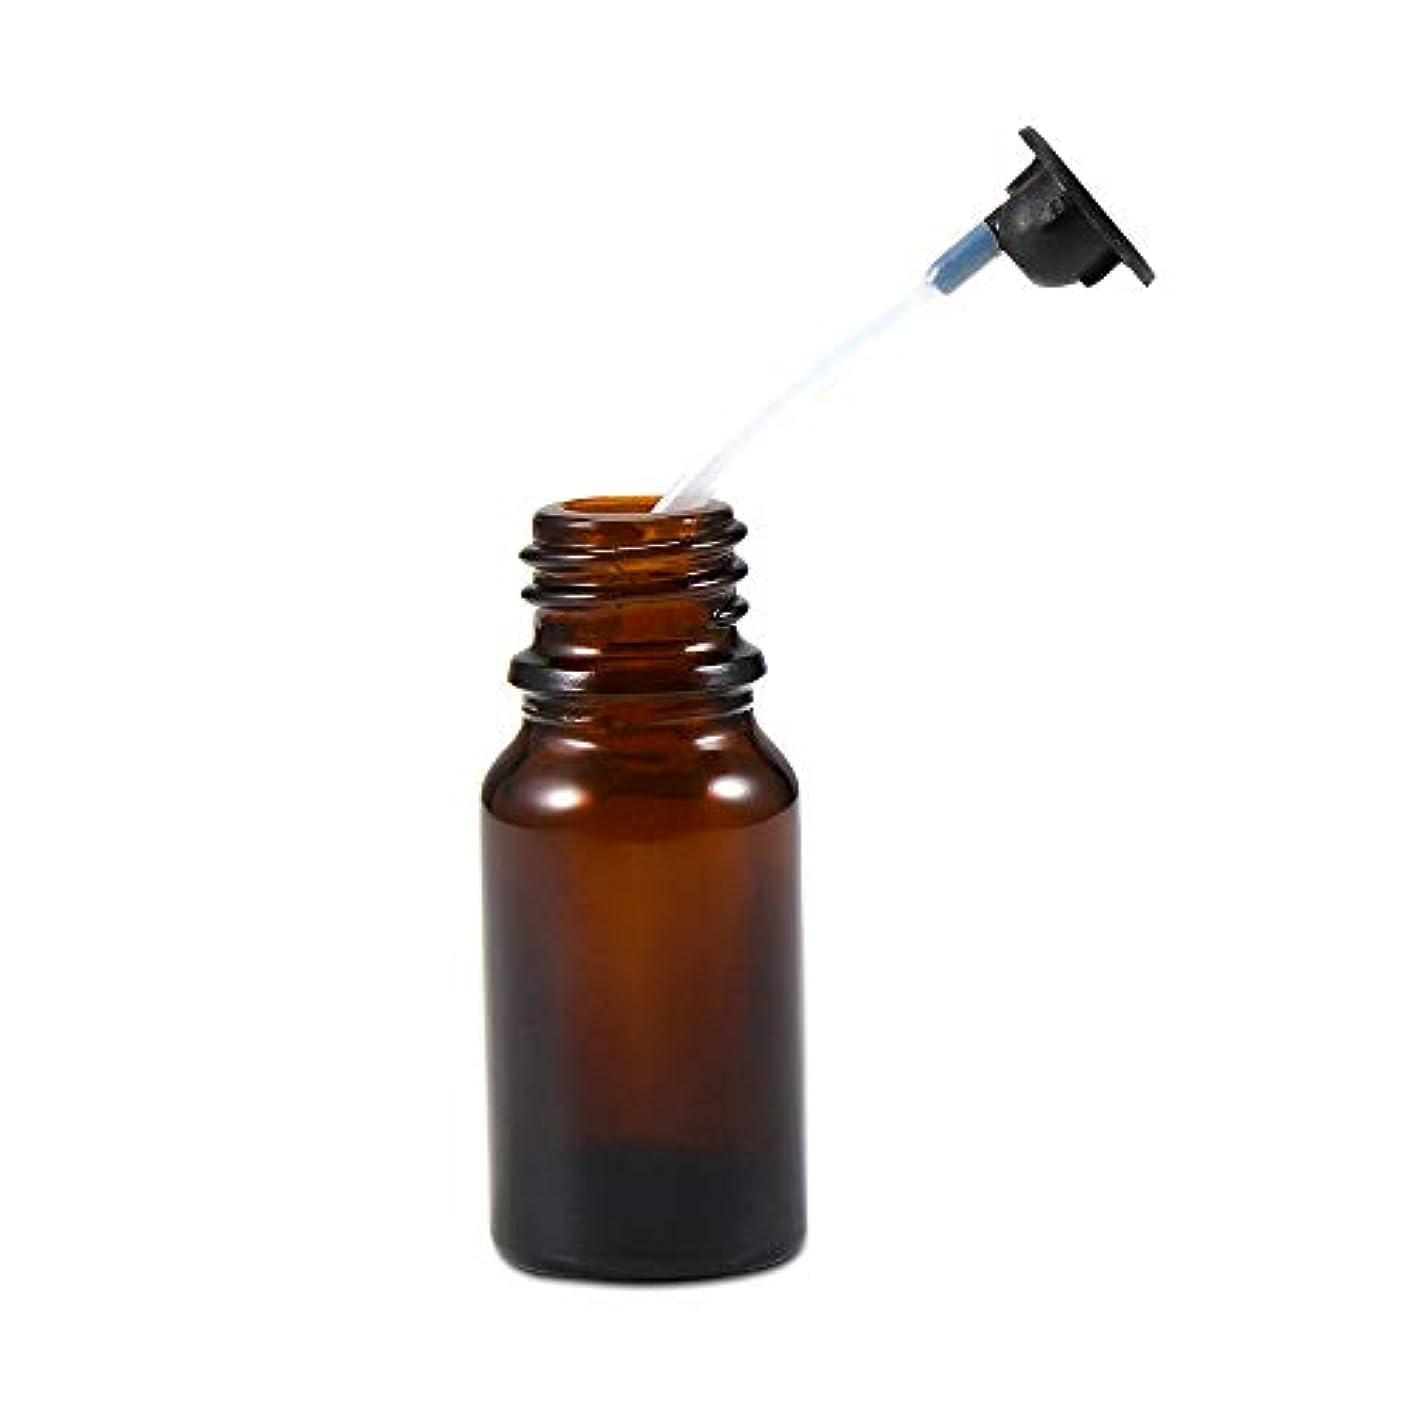 適合しましたレンドうなり声Caseceo エッセンシャルオイル ボトルとノズル 交換用 アクセサリー 数量1